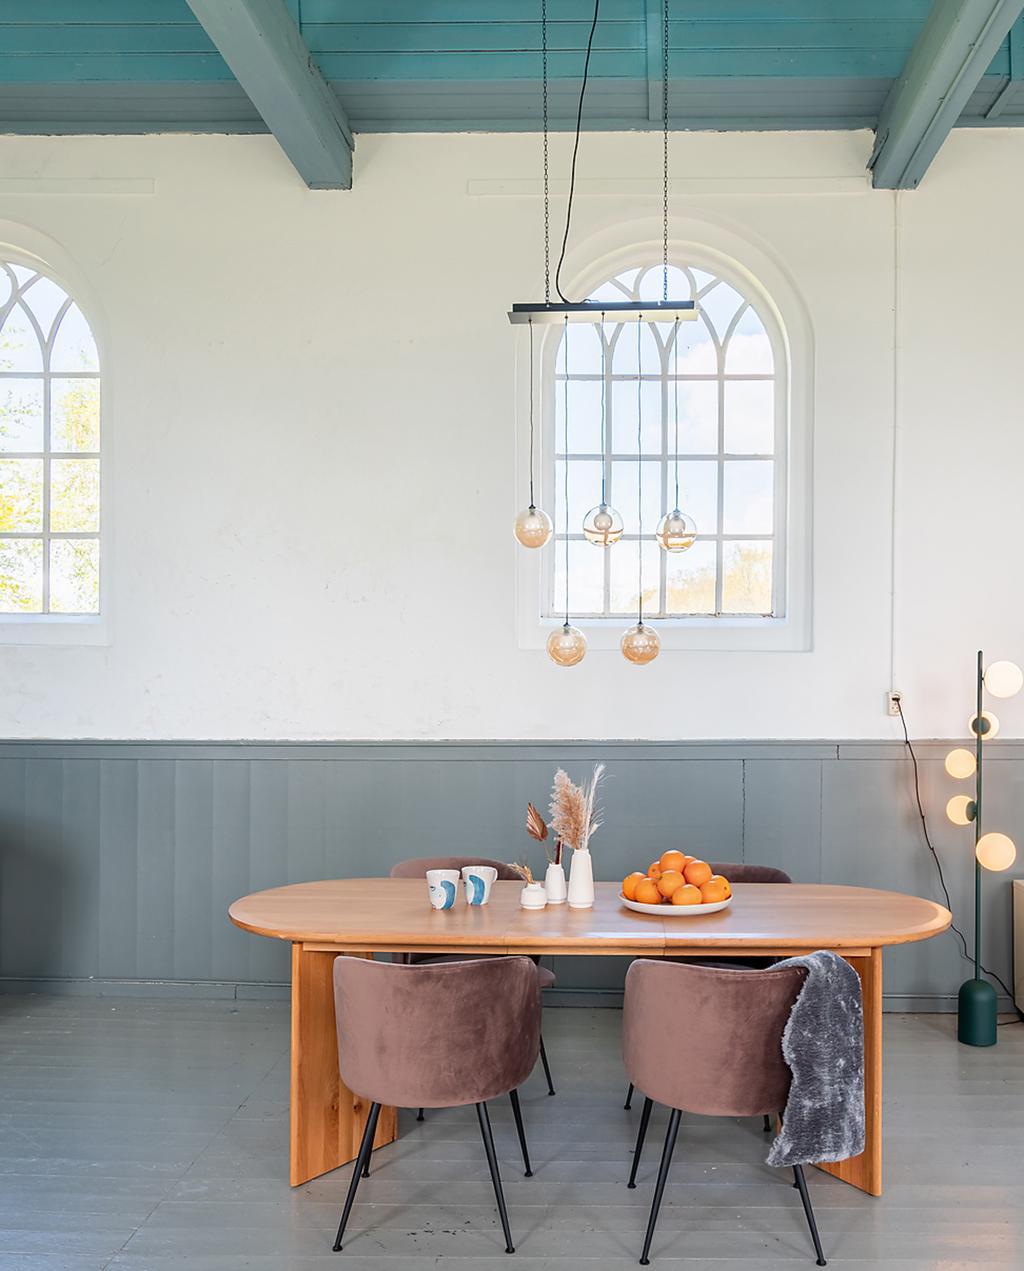 heilige nachten en made.com | overnachten in een opgeknapte kerk | eikenhouten ovalen eettafel omringd door roze fluwelen stoelen